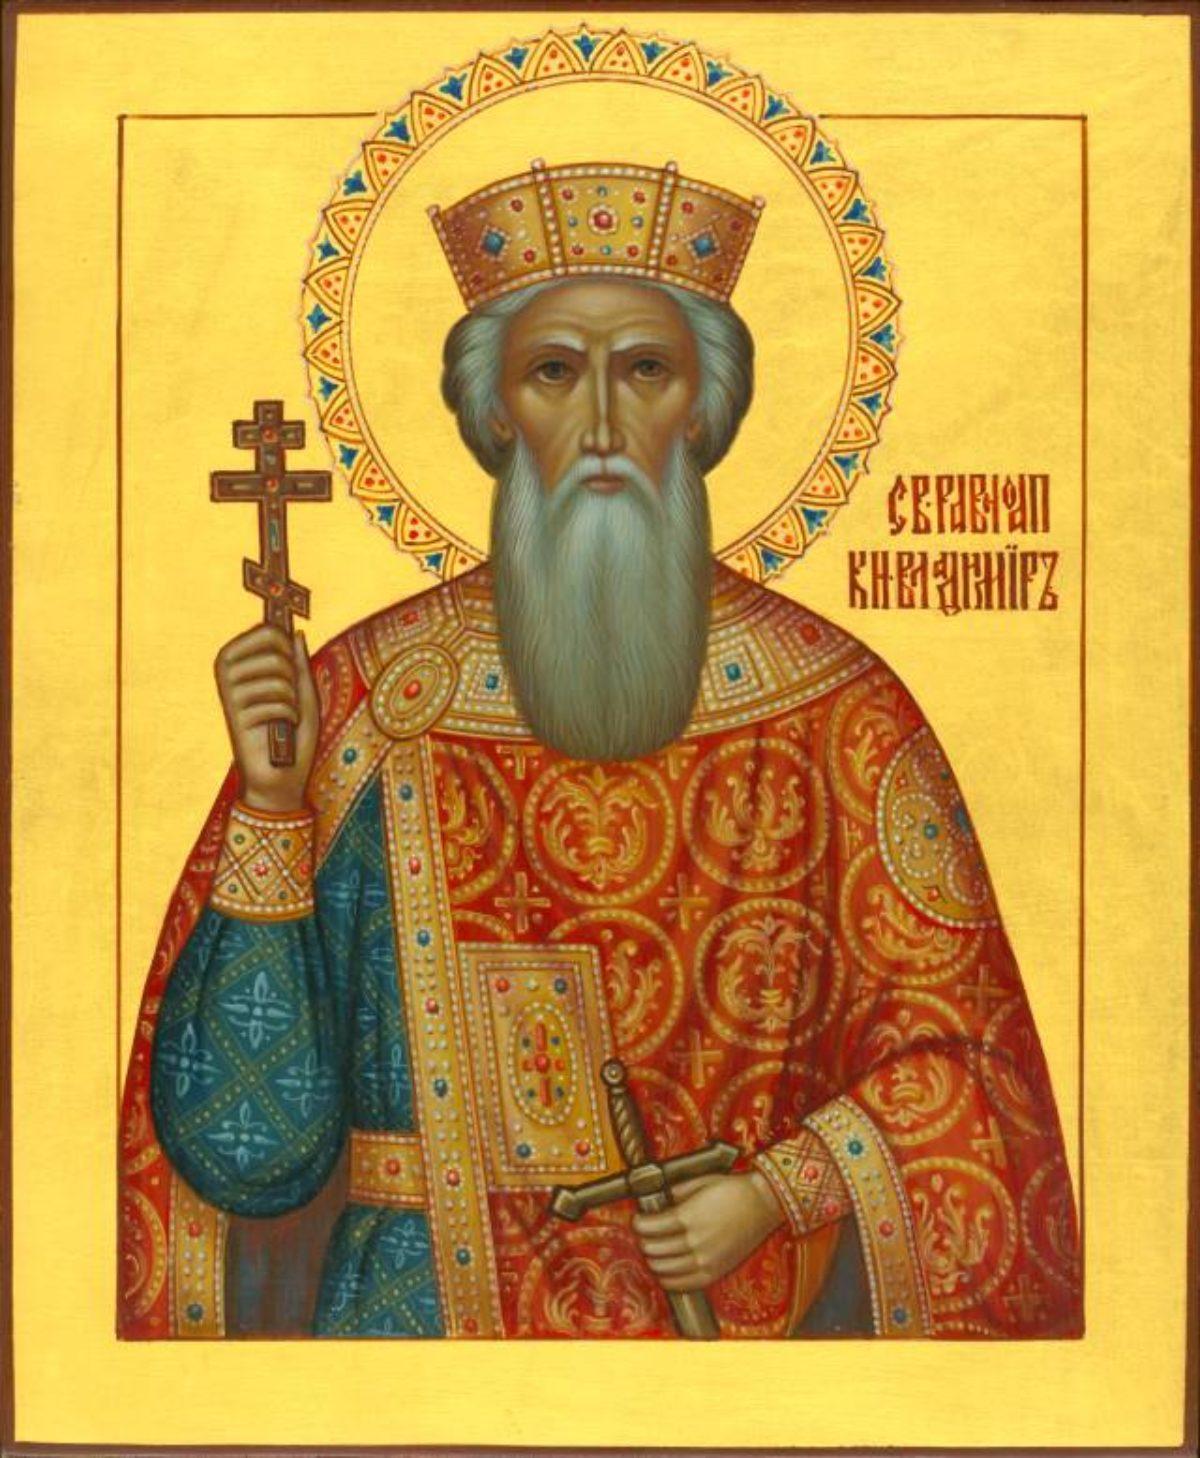 Святой князь Владимир: до и после Крещения